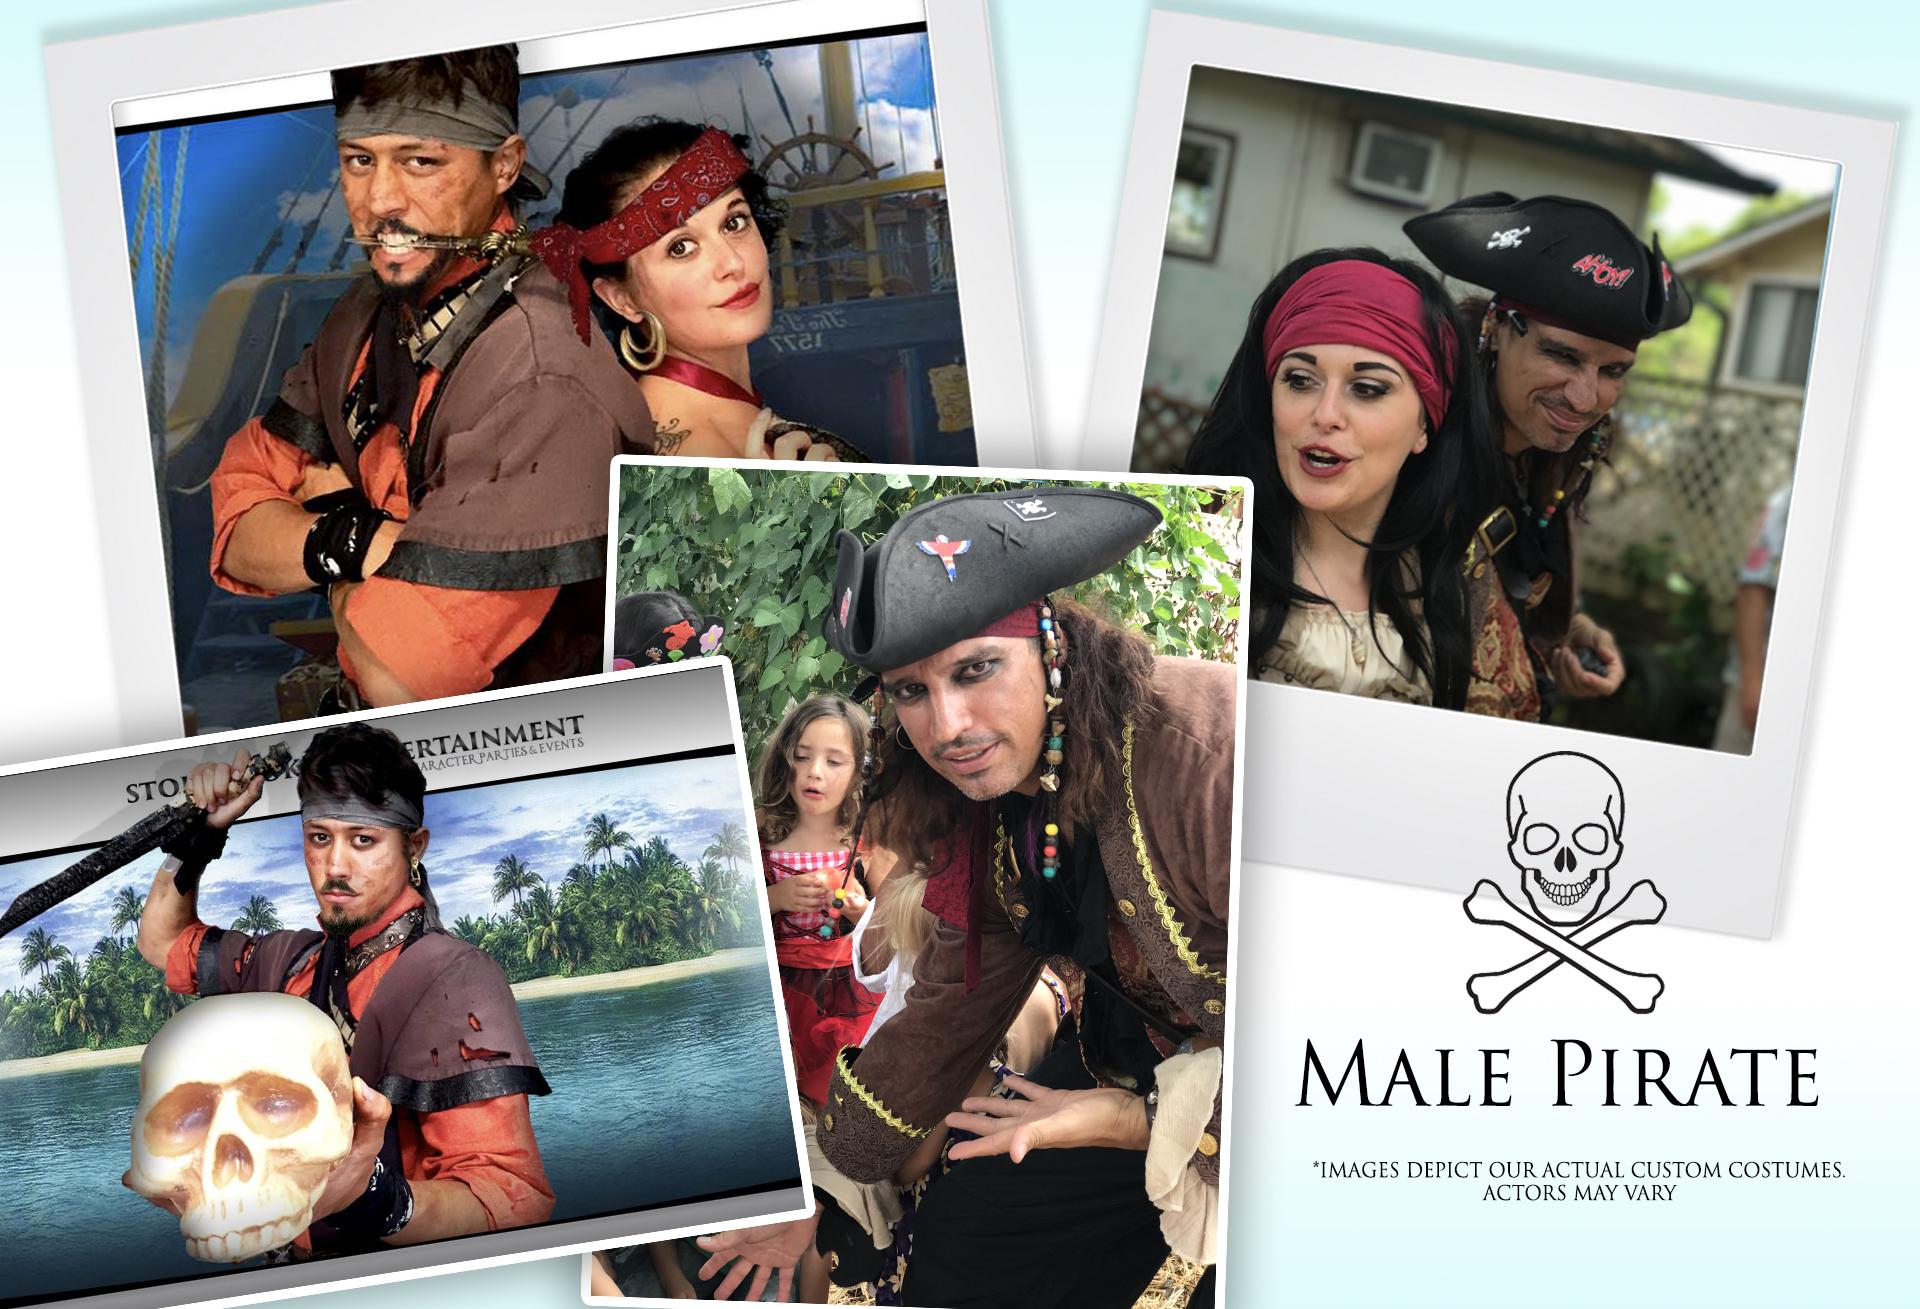 Male Pirate